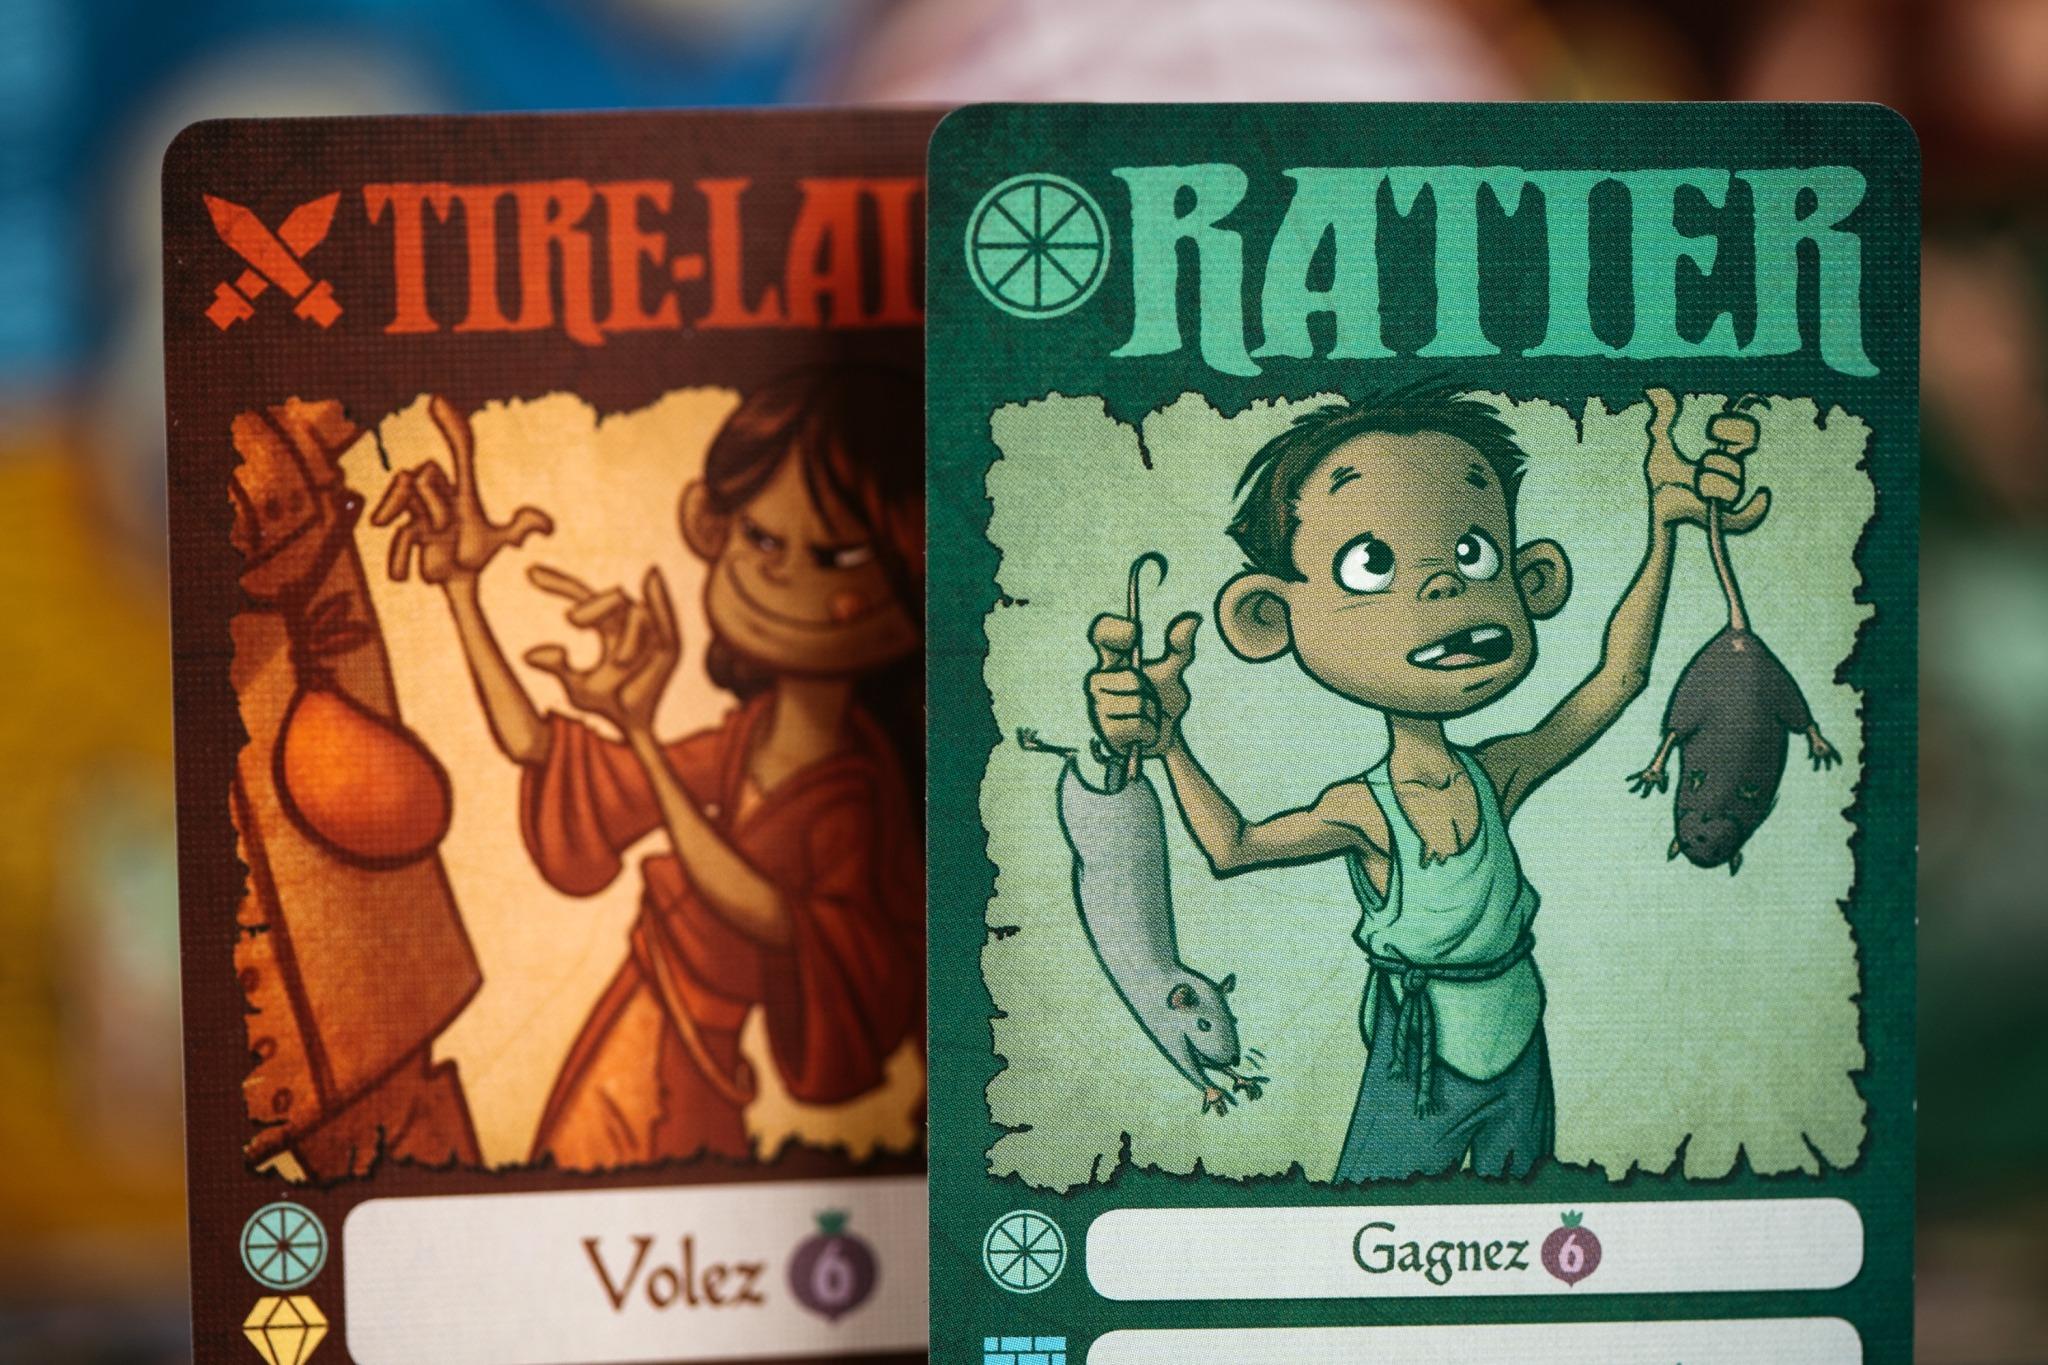 Village pillage origames jeu de société